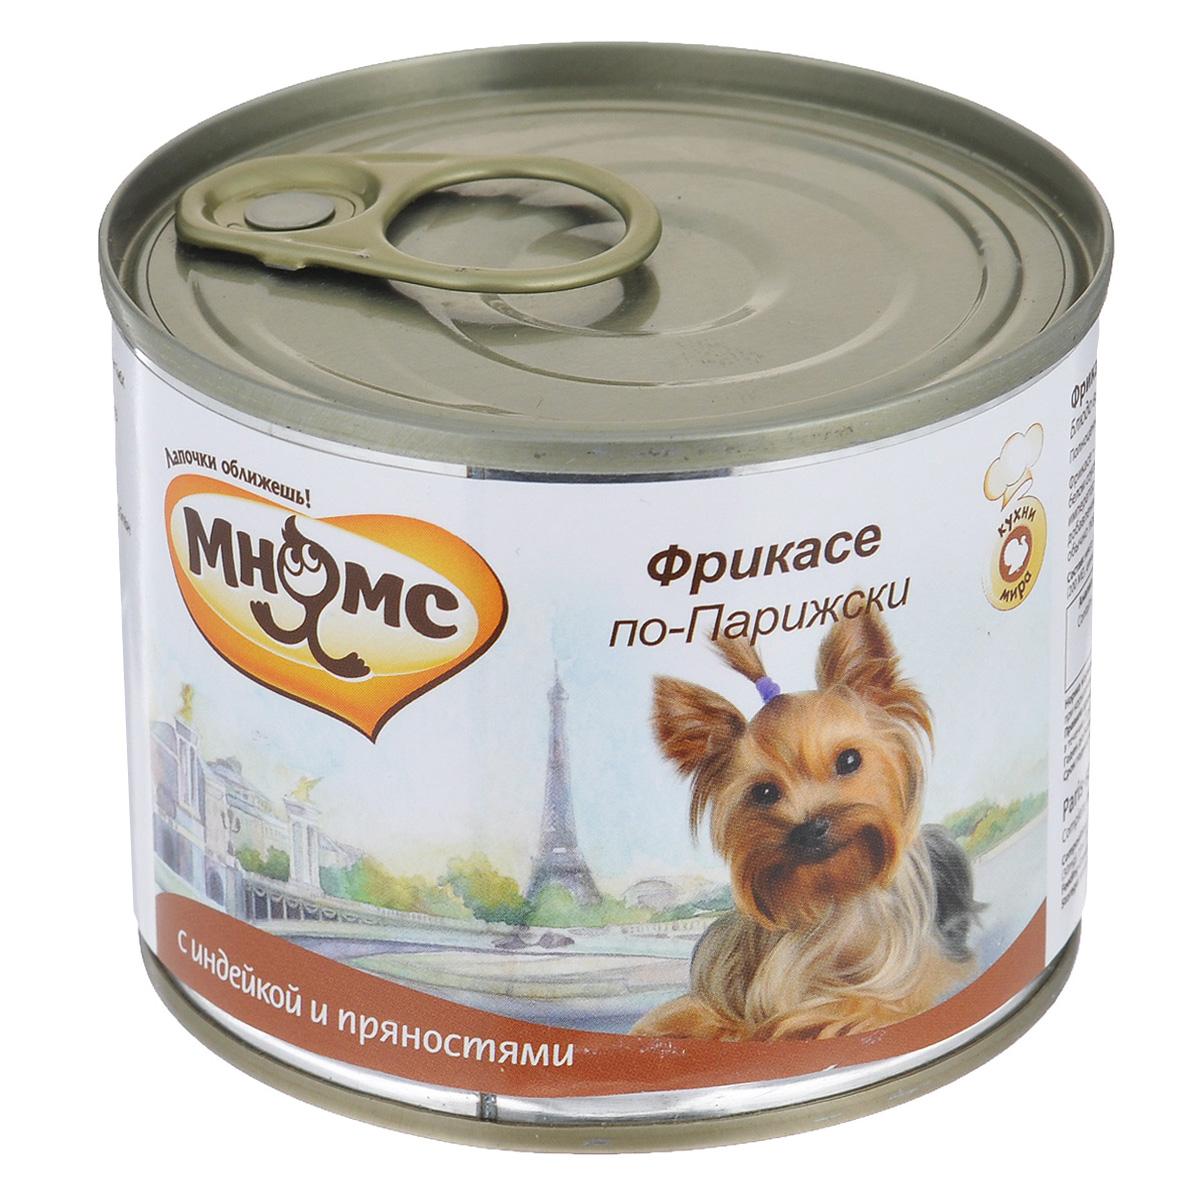 Консервы для собак Мнямс Фрикасе по-Парижски, с индейкой и пряностями, 200 г0120710Консервы для собак Мнямс Фрикасе по-Парижски - это полноценный консервированный корм для собак. Фрикасе - французское блюдо, которое готовят из любого мяса: телятины, курятины, крольчатины или свинины сдобавлением белого соуса. Однако, для приготовления Фрикасе по-Парижски традиционно используют индейку -именно такой вариант, по легенде, предпочитал император Наполеон, а за ним и вся парижская знать временпервой империи. Индейку жарят на сковородке в масле. Соус из белого вина готовят отдельно. Его долго тушат сдобавлением зеленого горошка, спаржи, каперсов и грибов, затем добавляют к индейке. Он придает блюдуманящий аромат. На гарнир обычно подают рассыпчатый рис, который подчеркивает пряный вкус нежнейшегомяса.Состав: мясо (68%, из них индейка 100%), грибы (2%), минералы, прованские травы (0,2%), льняное масло (0,1%),витамин Е (30 мг), витамин D3 (200 МЕ), цинк (15 мг), марганец (3 мг), йод (0,75 мг), селен (0,03 мг).Анализ: белок 10,8%, жир 6,4%, клетчатка 0,4%, зола 2,4%, влажность 79%.Вес: 200 г.Товар сертифицирован.